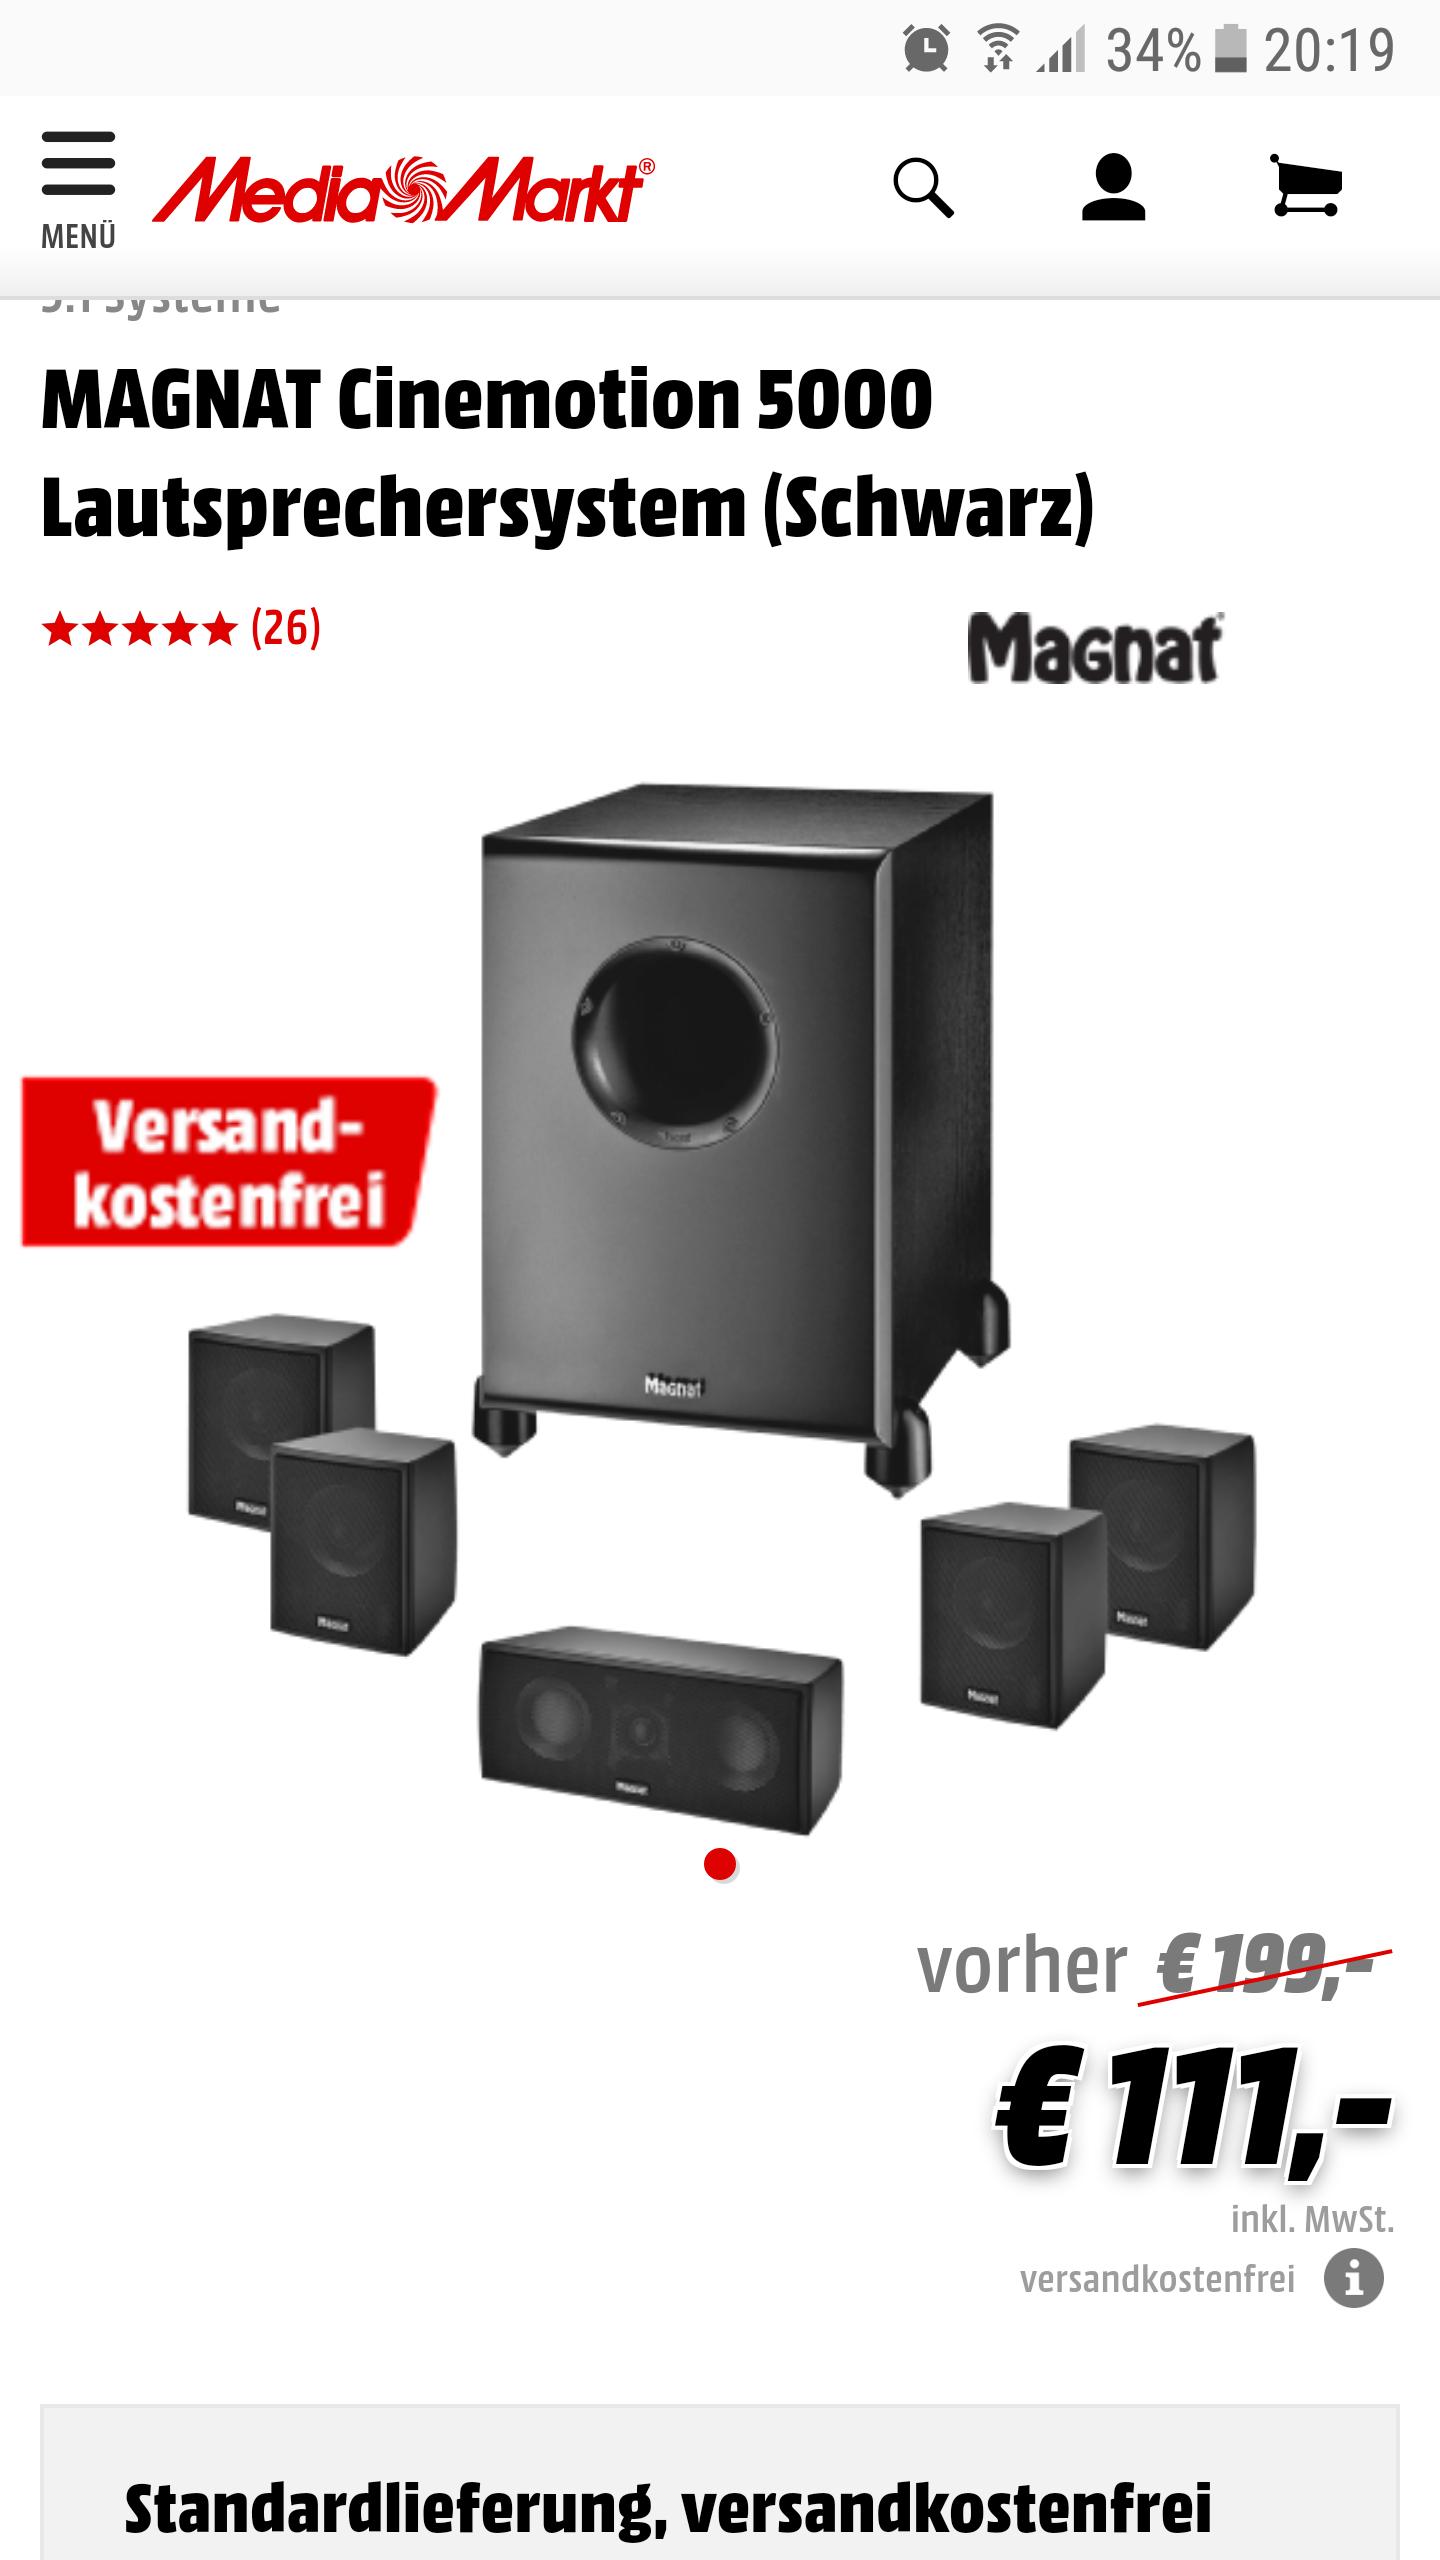 Magnat Cinemotion 5000 5.1 Lautsprecher Set / versandkostenfrei [Media Markt Online]